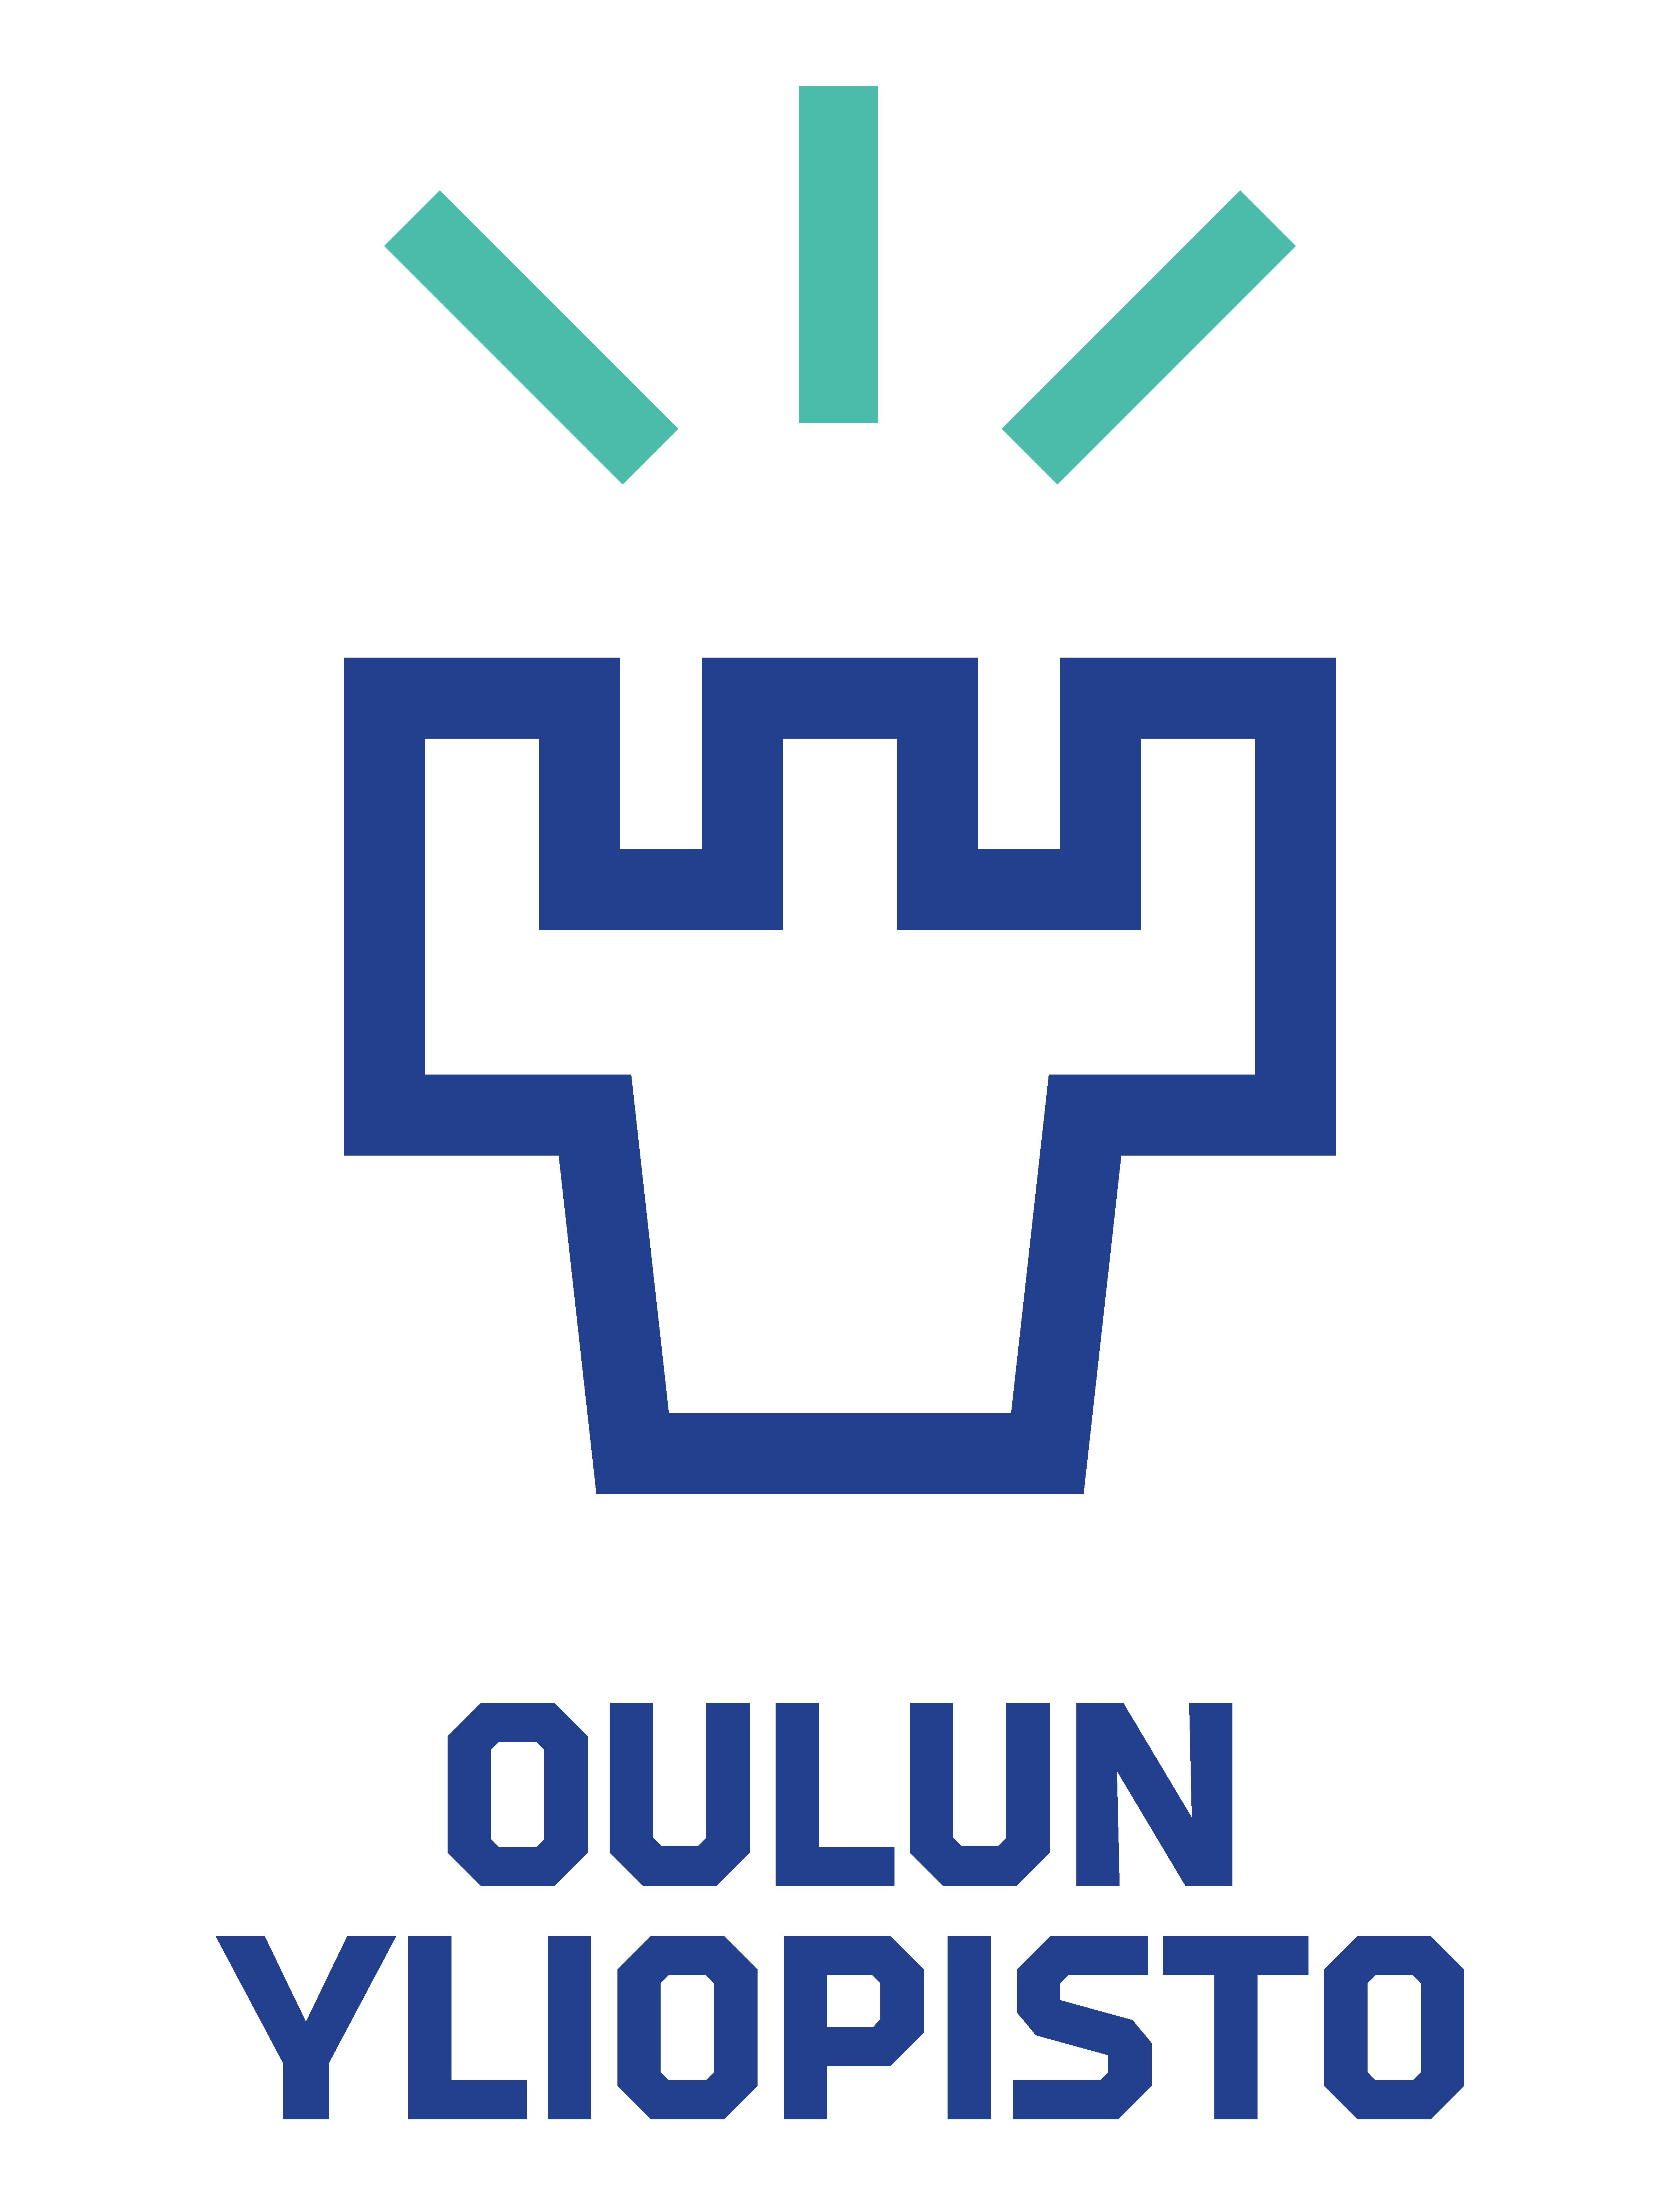 Oulunyliopisto